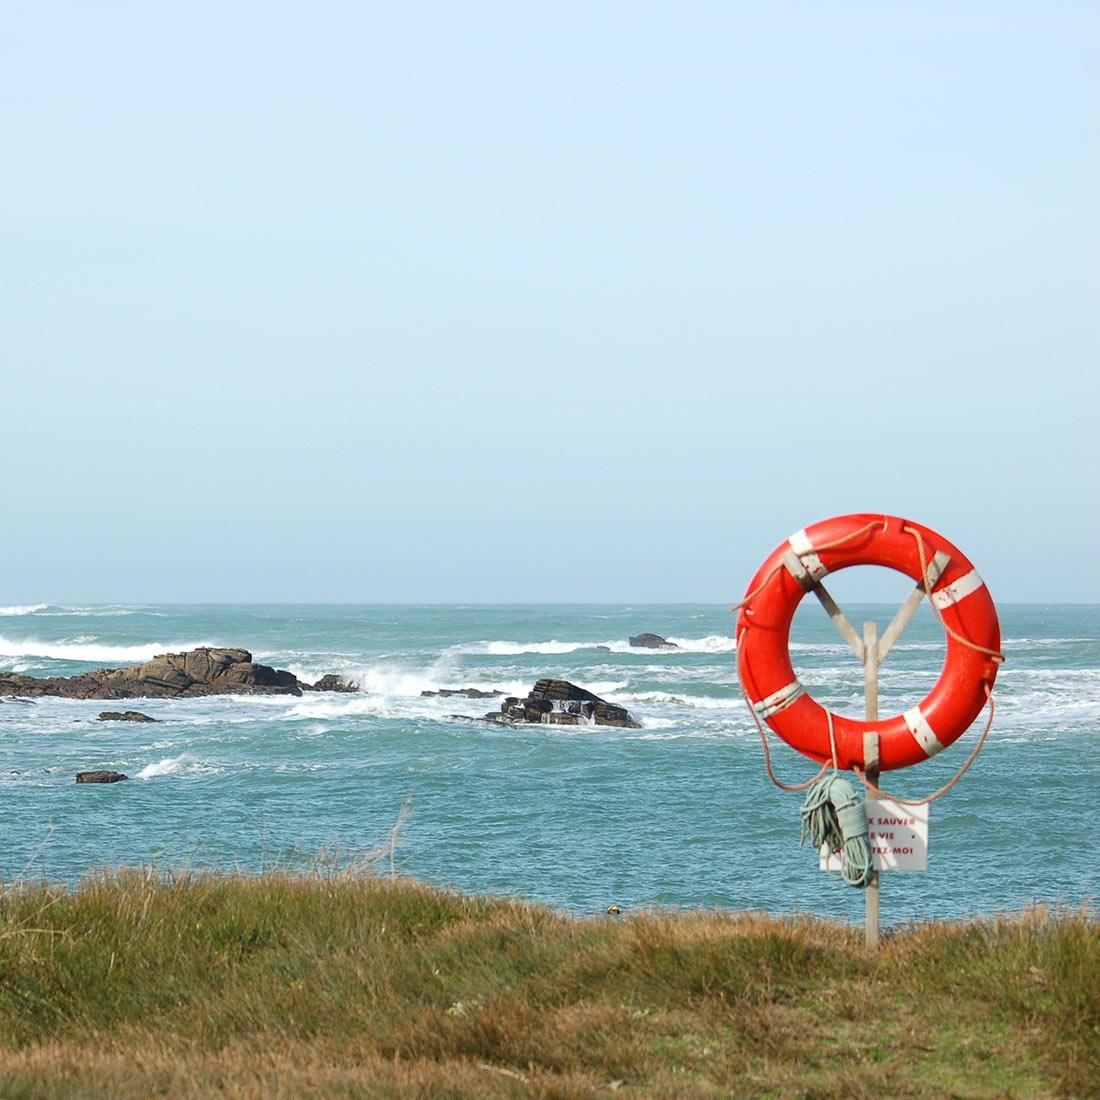 Bouée de sauvetage au bord de l'océan